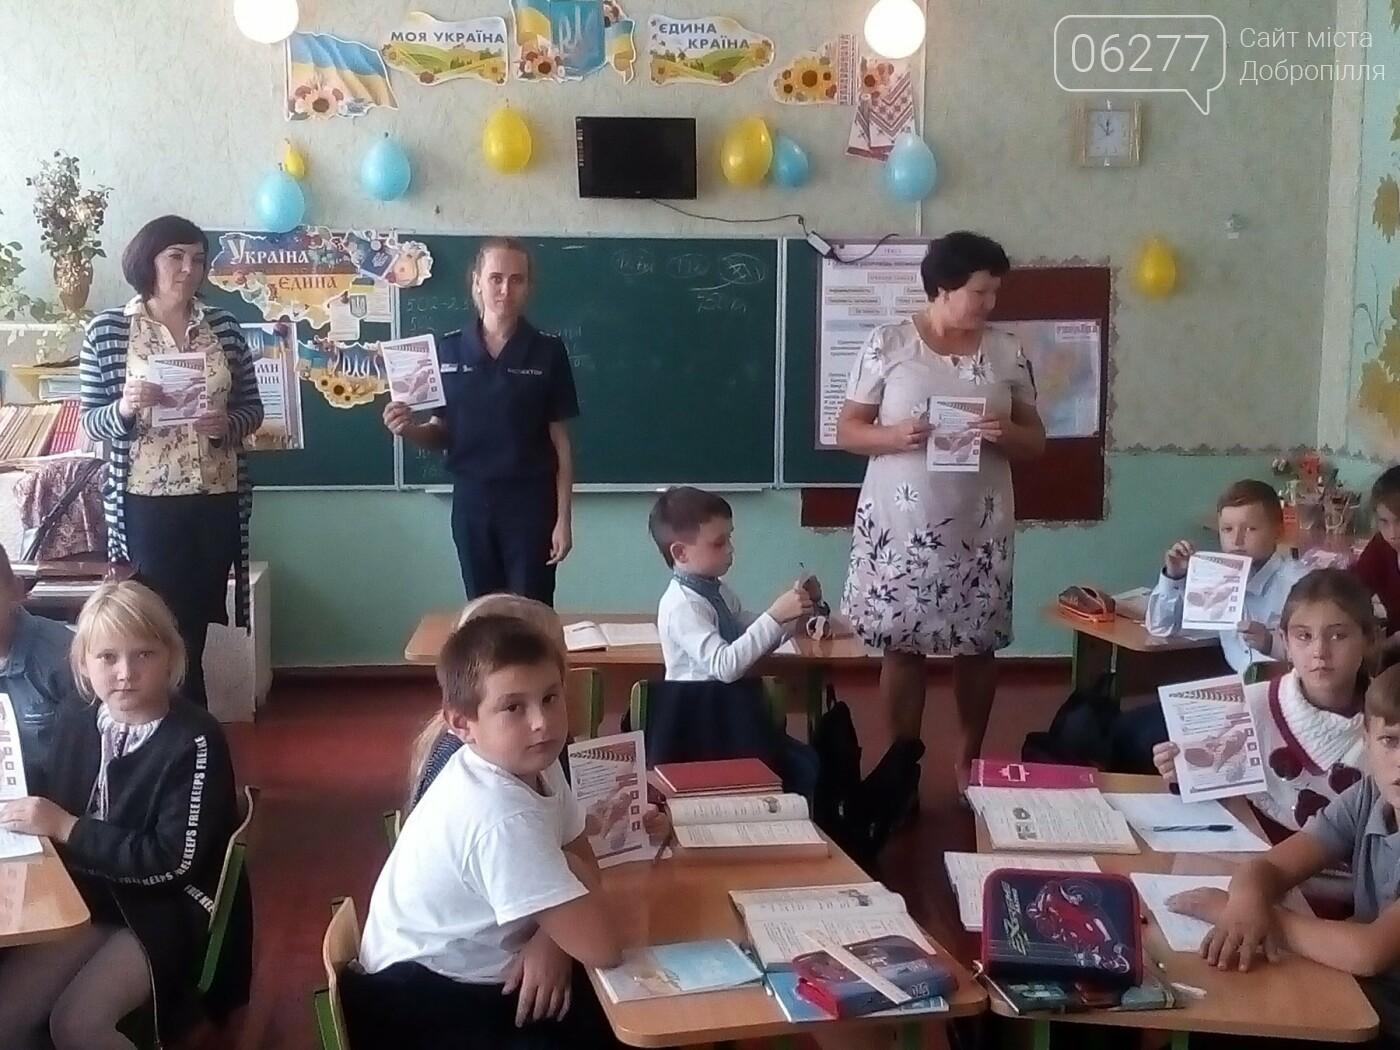 Рятувальники міста Добропілля вчили школярів, як діяти при виявленні вибухонебезпечного предмету, фото-2